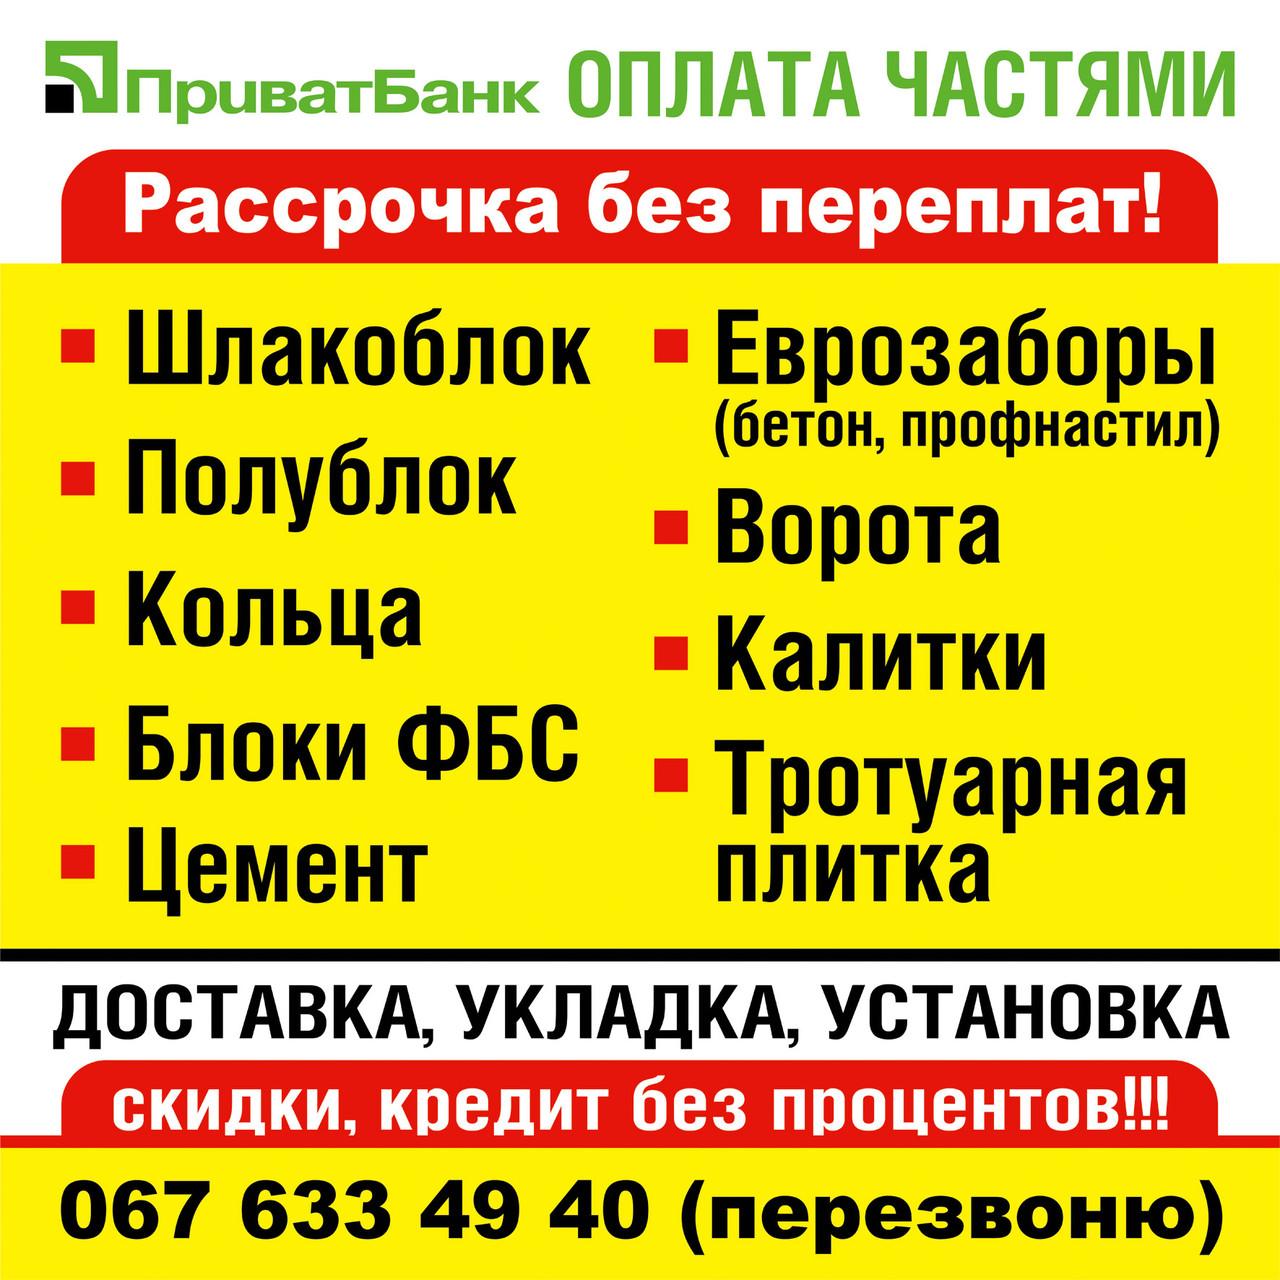 барский машзавод-котлы инструкция к 630 eurosit